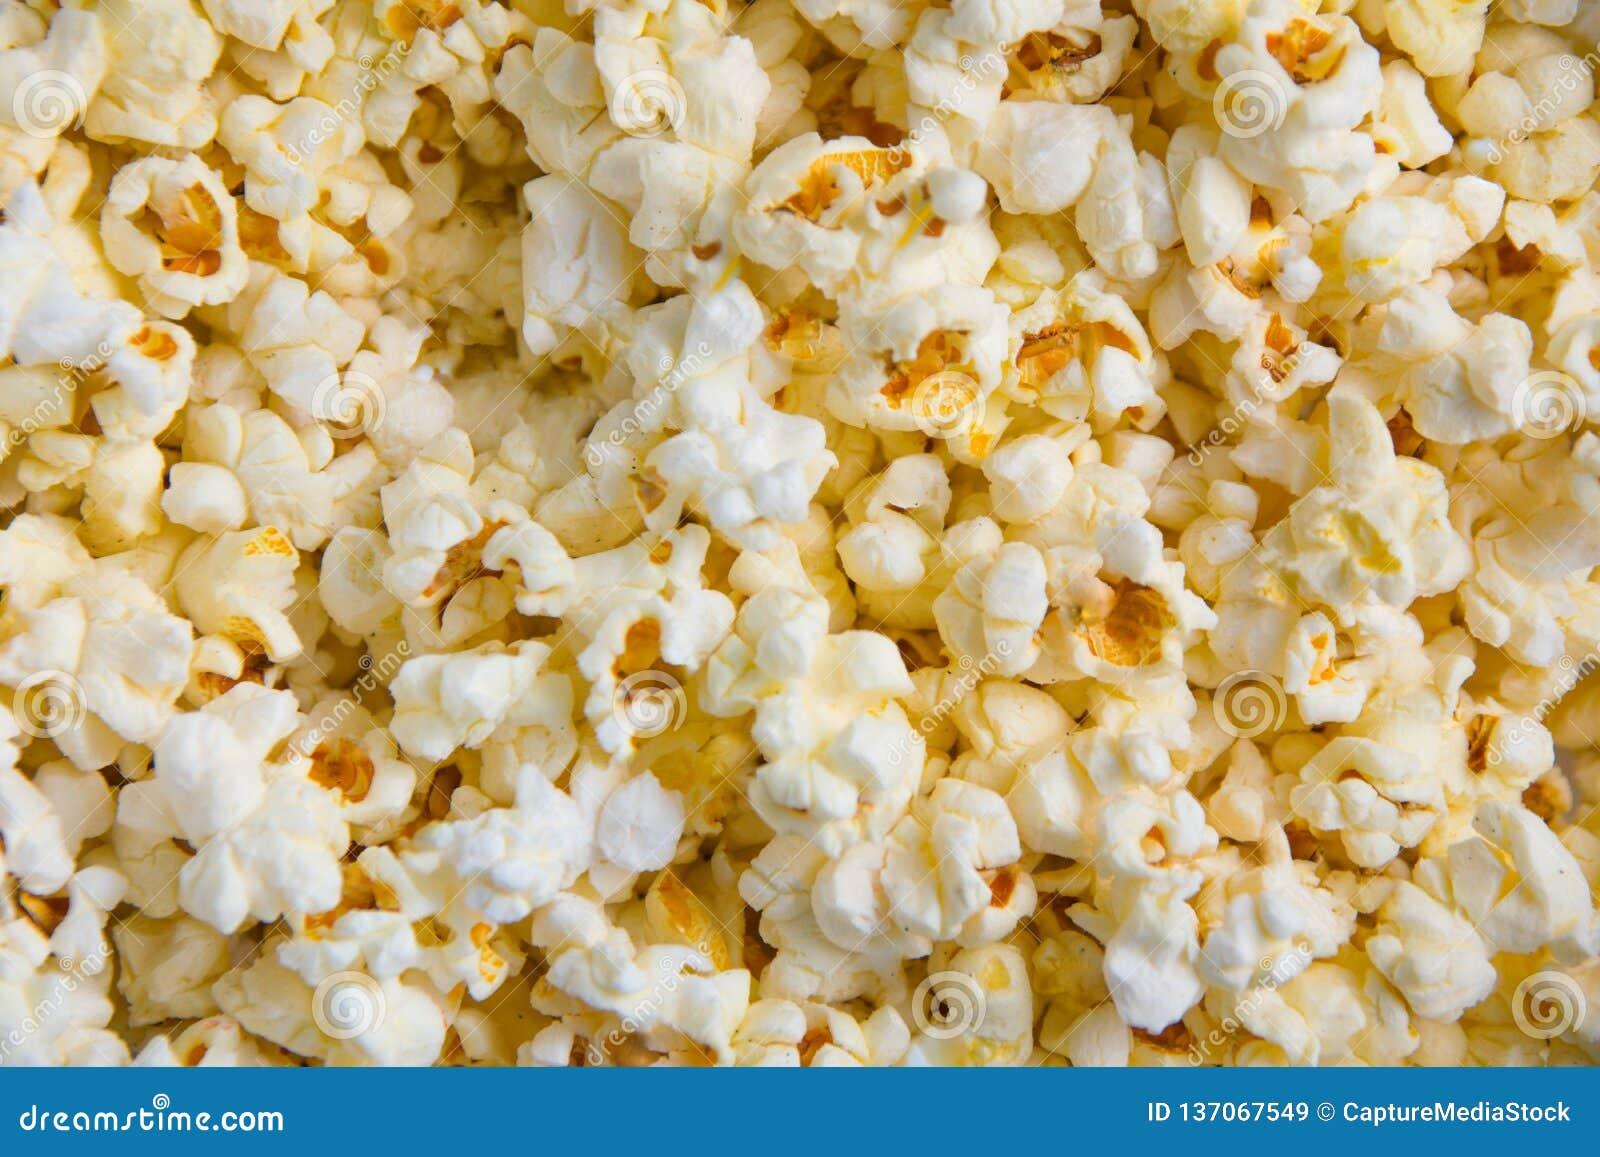 Tło smakowity masło popkorn biały kolor żółty